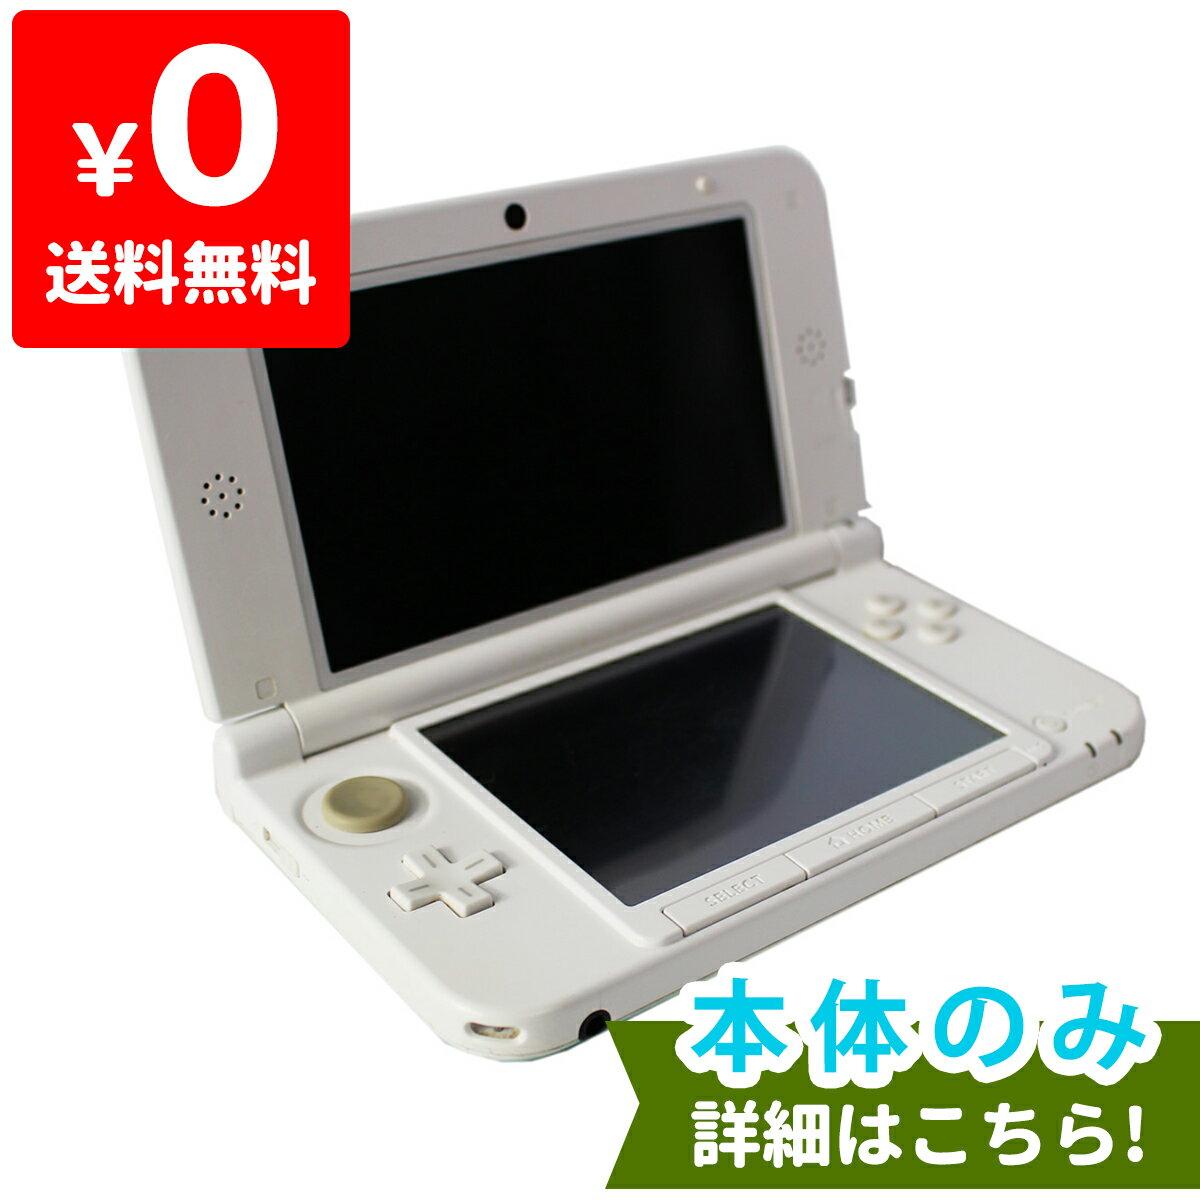 ニンテンドー3DS LL ホワイト 本体のみ 本体単品 Nintendo 任天堂 ニンテンドー 中古 4902370519563 送料無料